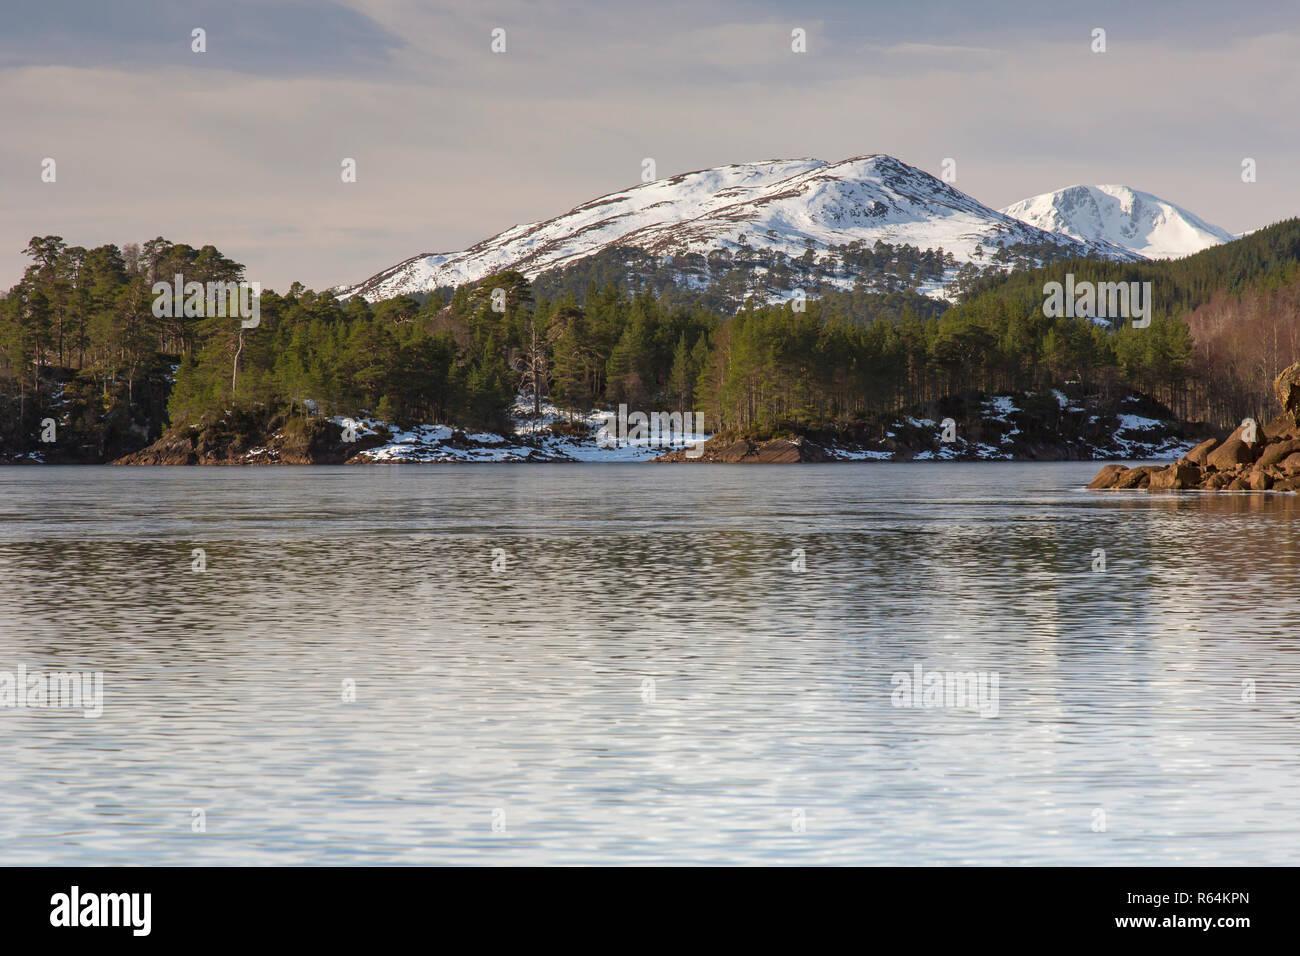 Loch Beinn a'Mheadhain / Loch Benevian in winter, Glen Affric, Inverness-shire, Scottish Highlands, Highland, Scotland, UK - Stock Image